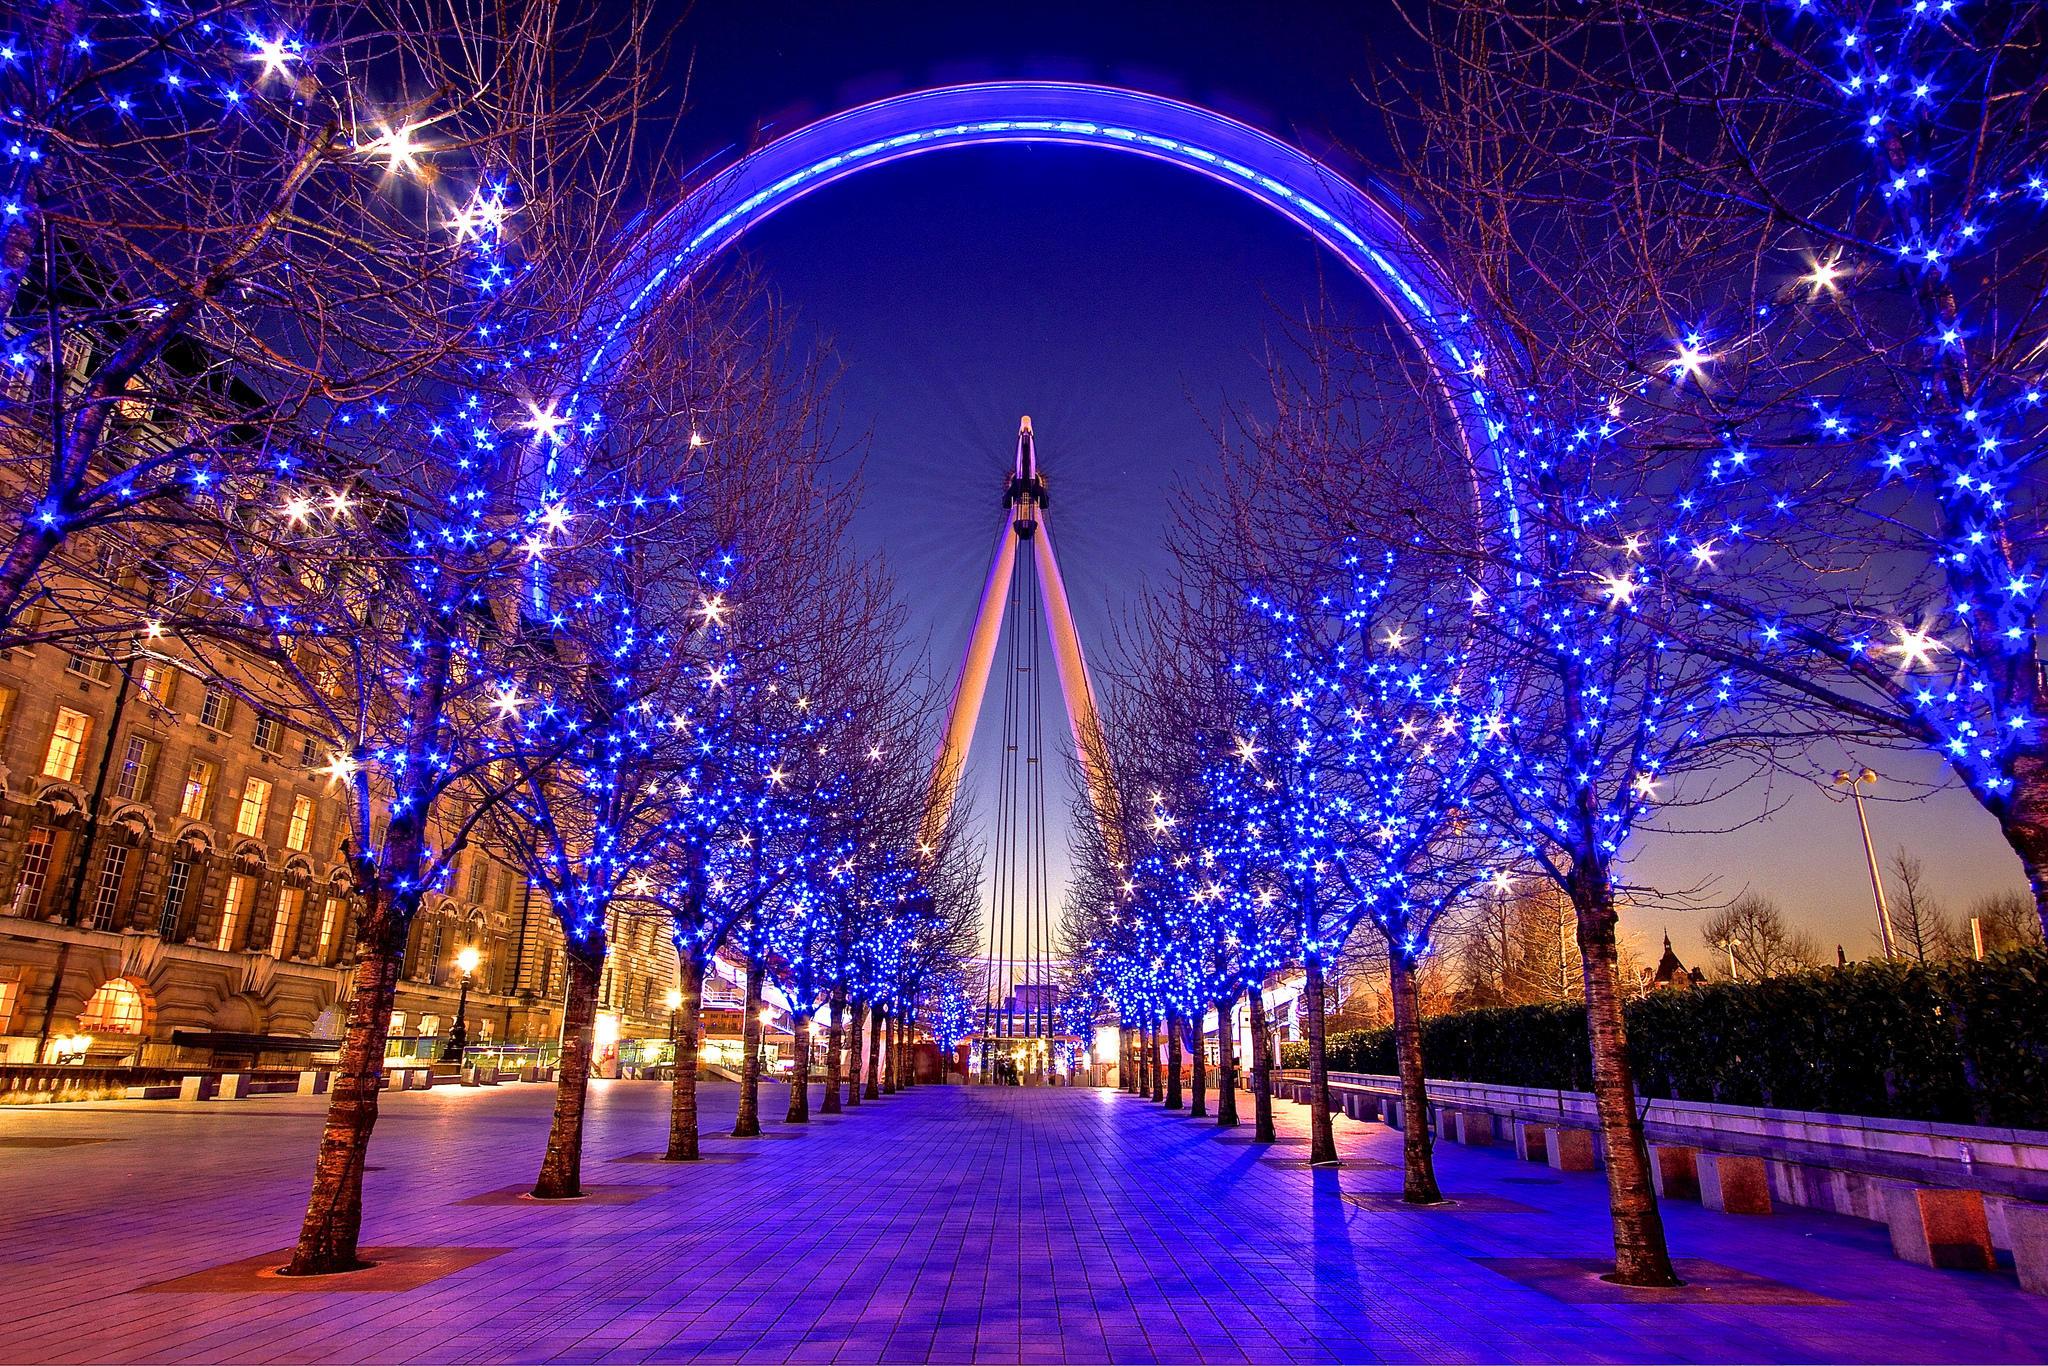 обои Великобритания, London, South Bank, Зима картинки фото